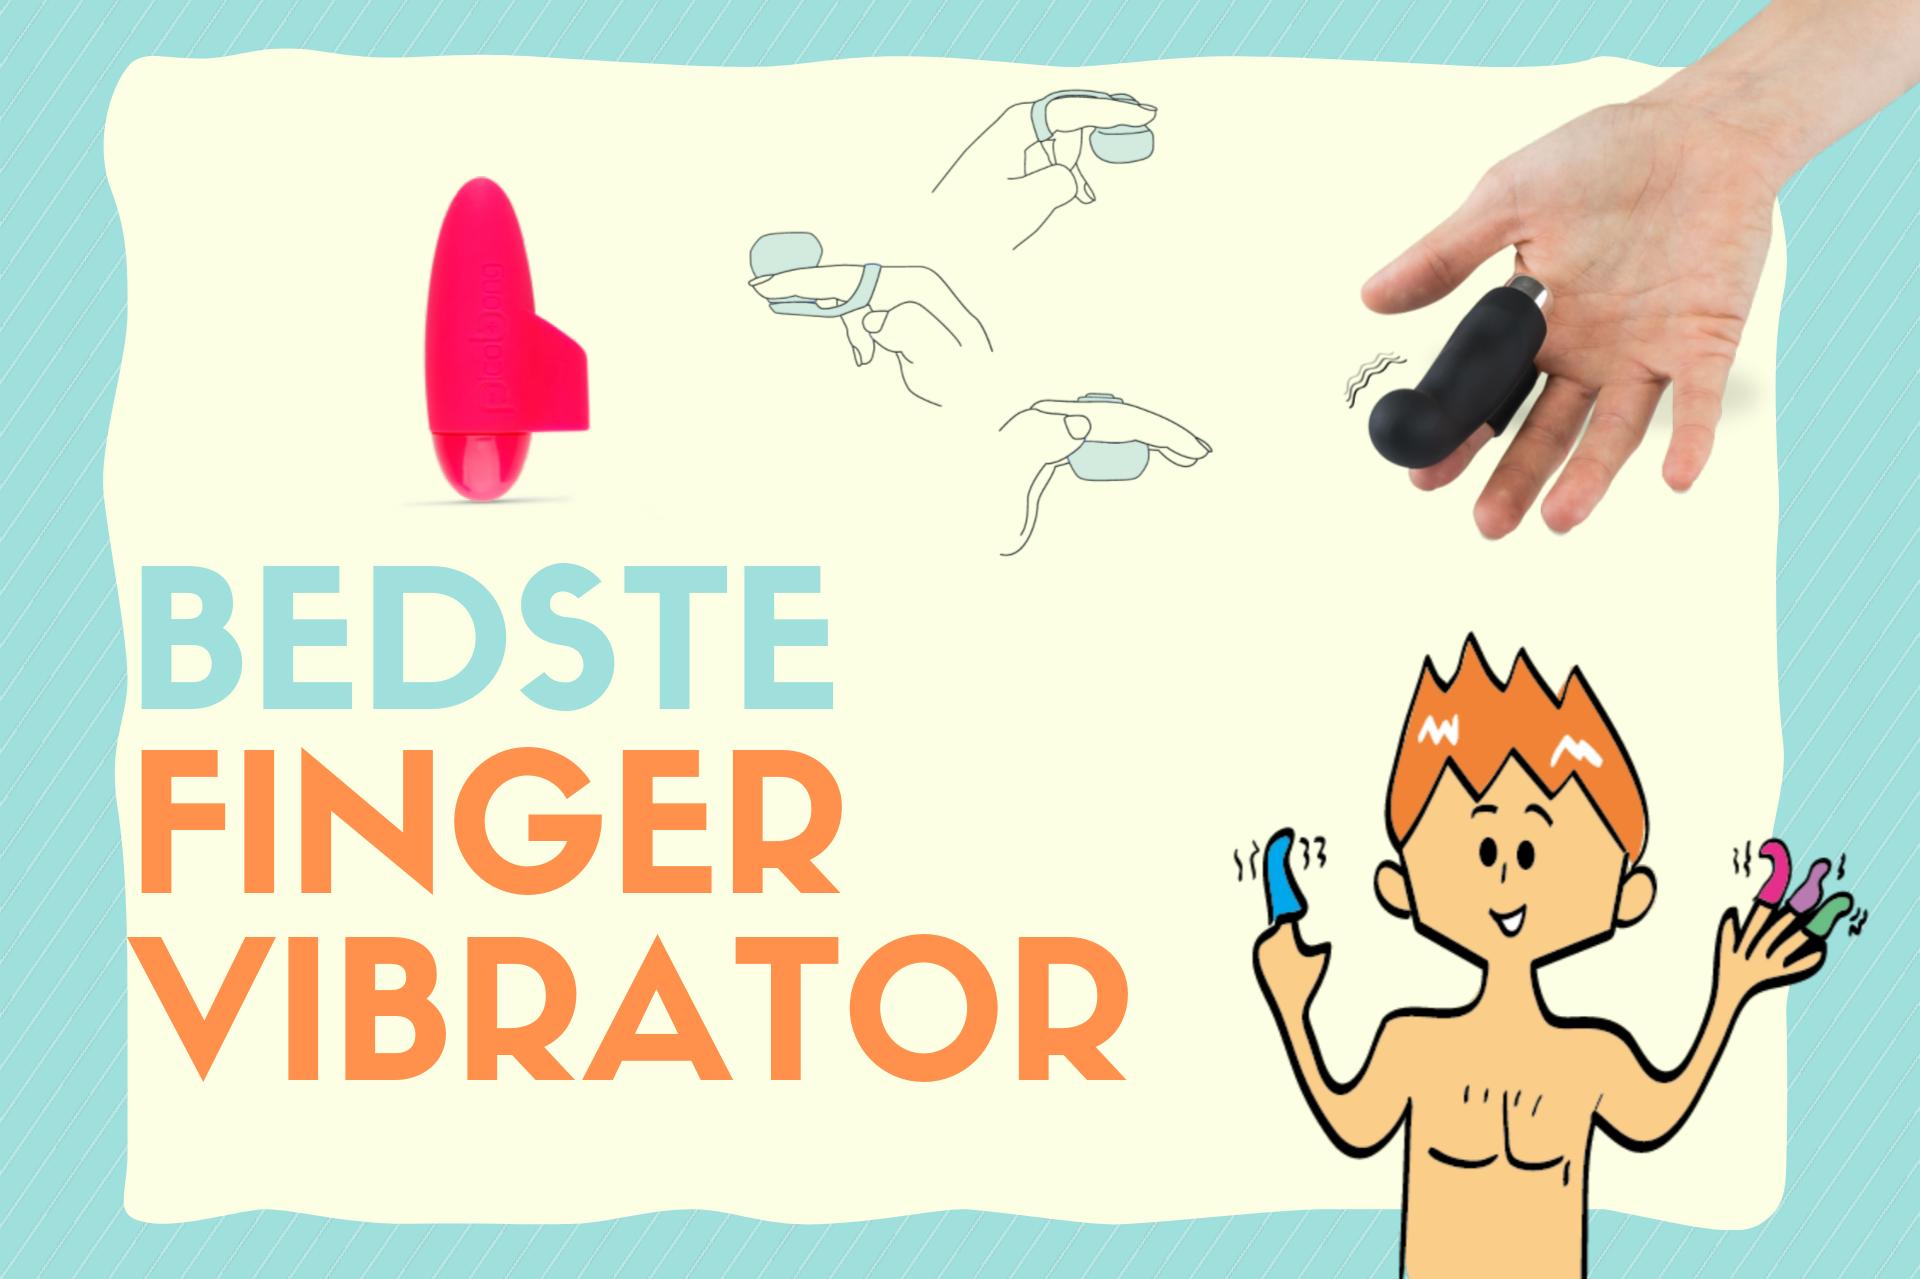 bedste finger vibrator